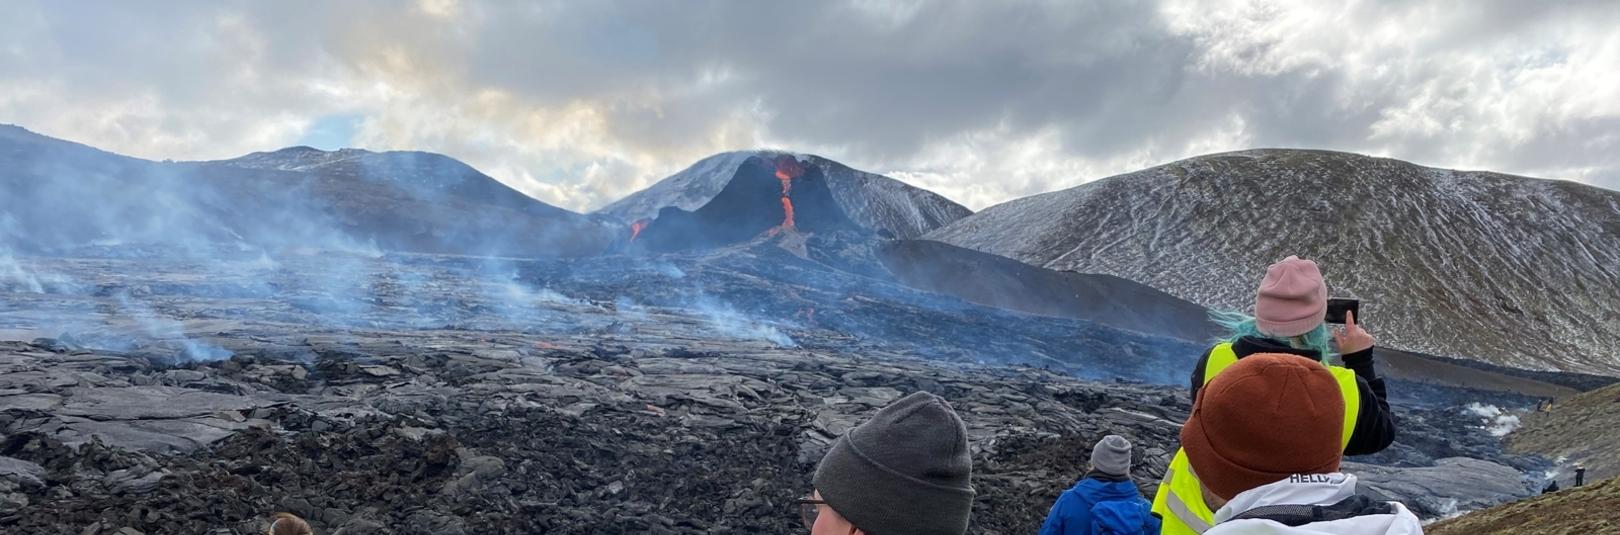 Jarðvísindi við Háskóla Íslands í hópi 100 bestu í heimi - á vefsíðu Háskóla Íslands